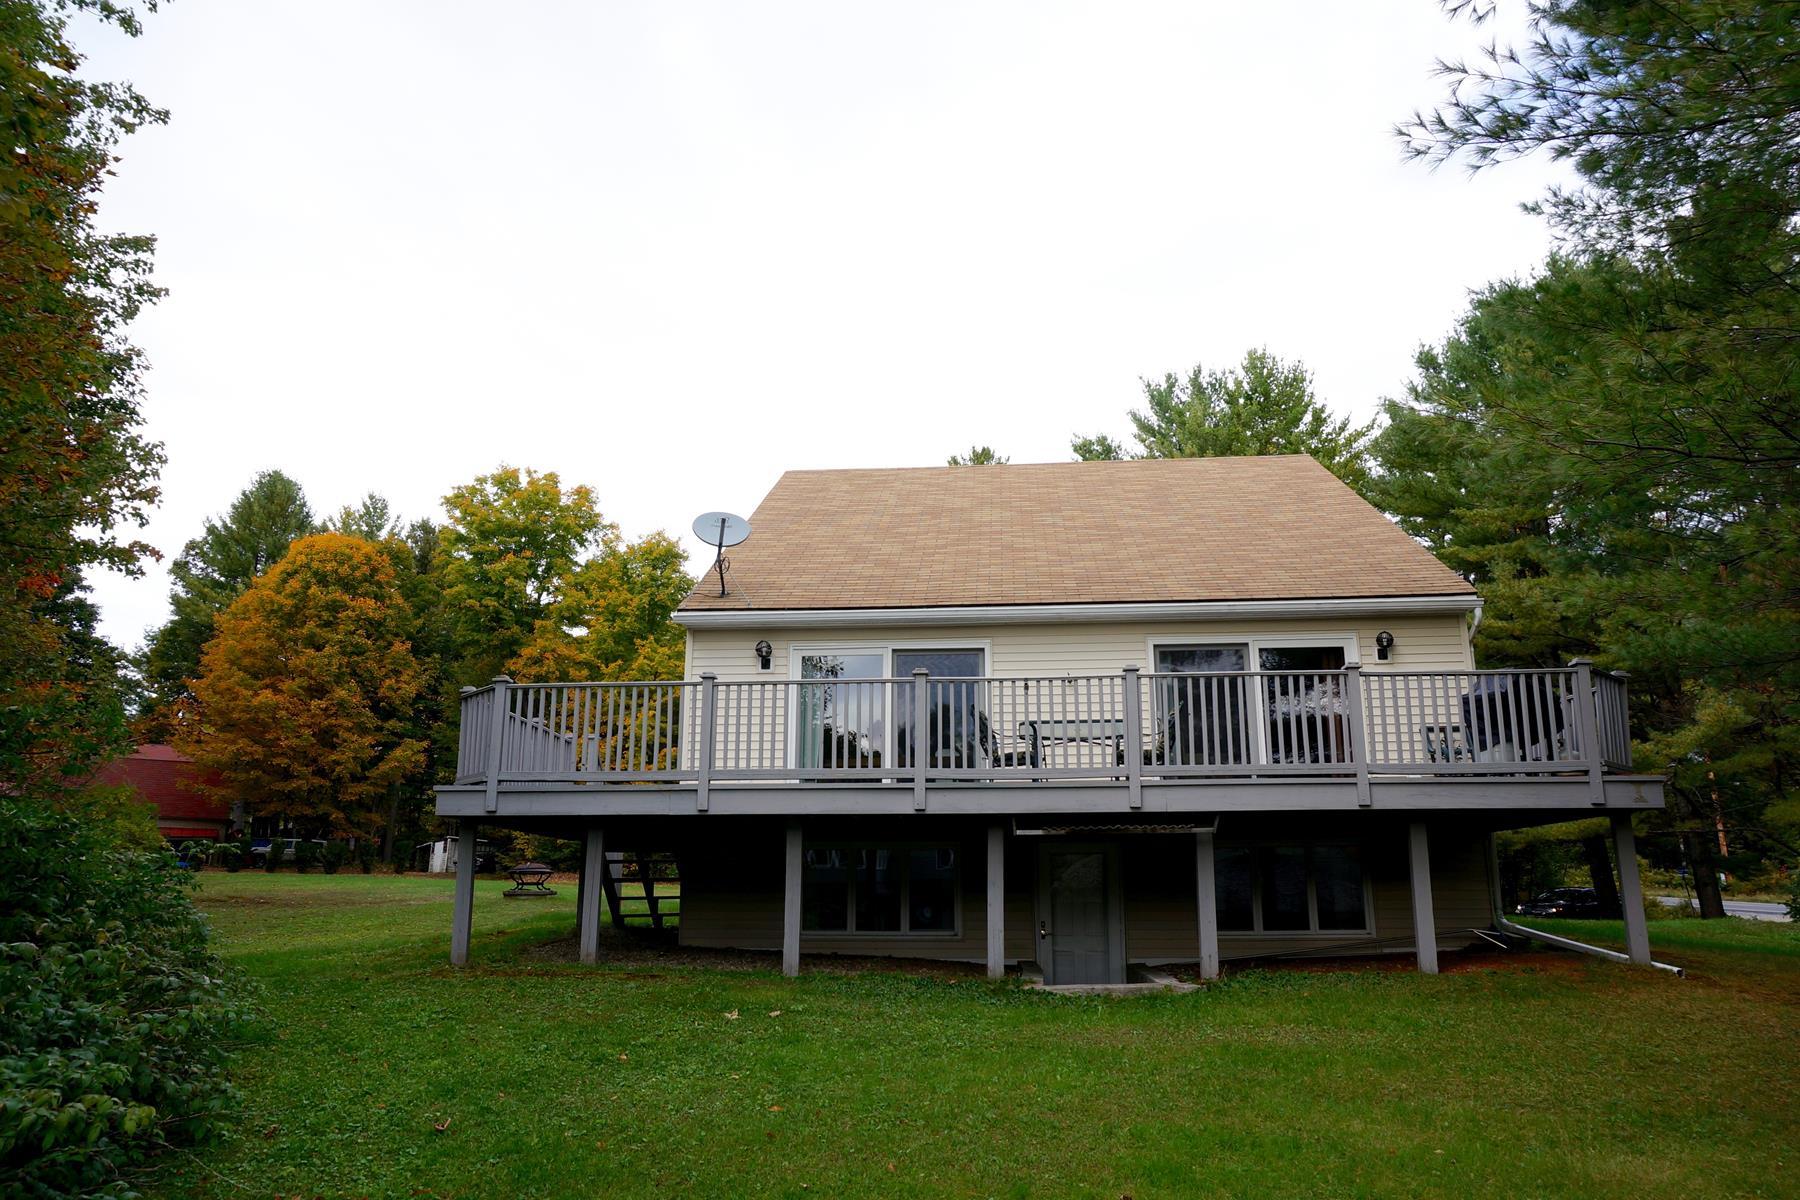 Maison unifamiliale pour l Vente à 6 Willis Way, Newbury Newbury, New Hampshire 03255 États-Unis